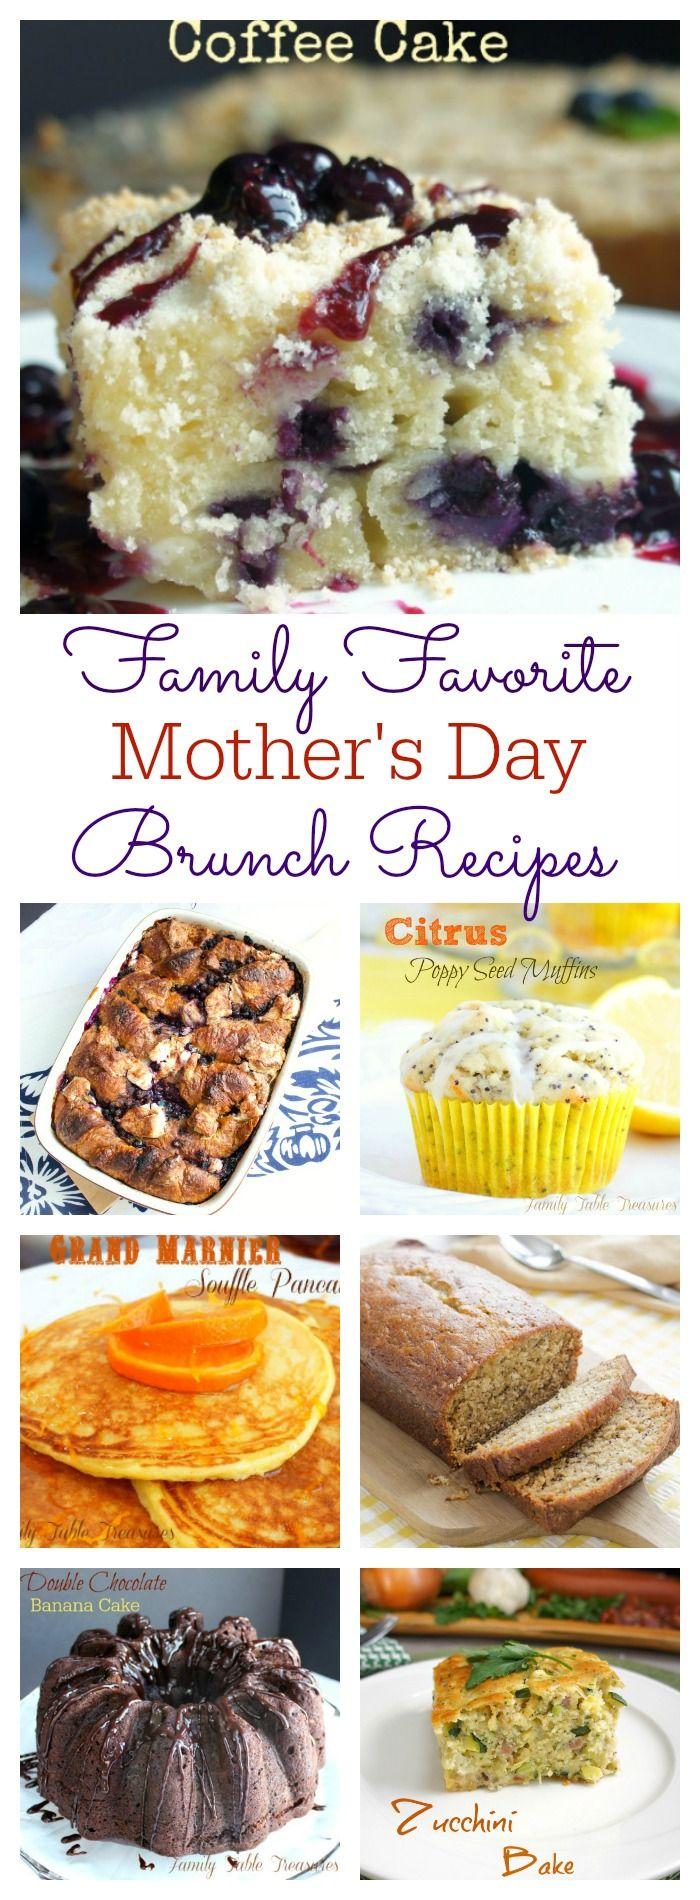 family favorite mother 39 s day brunch recipes brunch. Black Bedroom Furniture Sets. Home Design Ideas